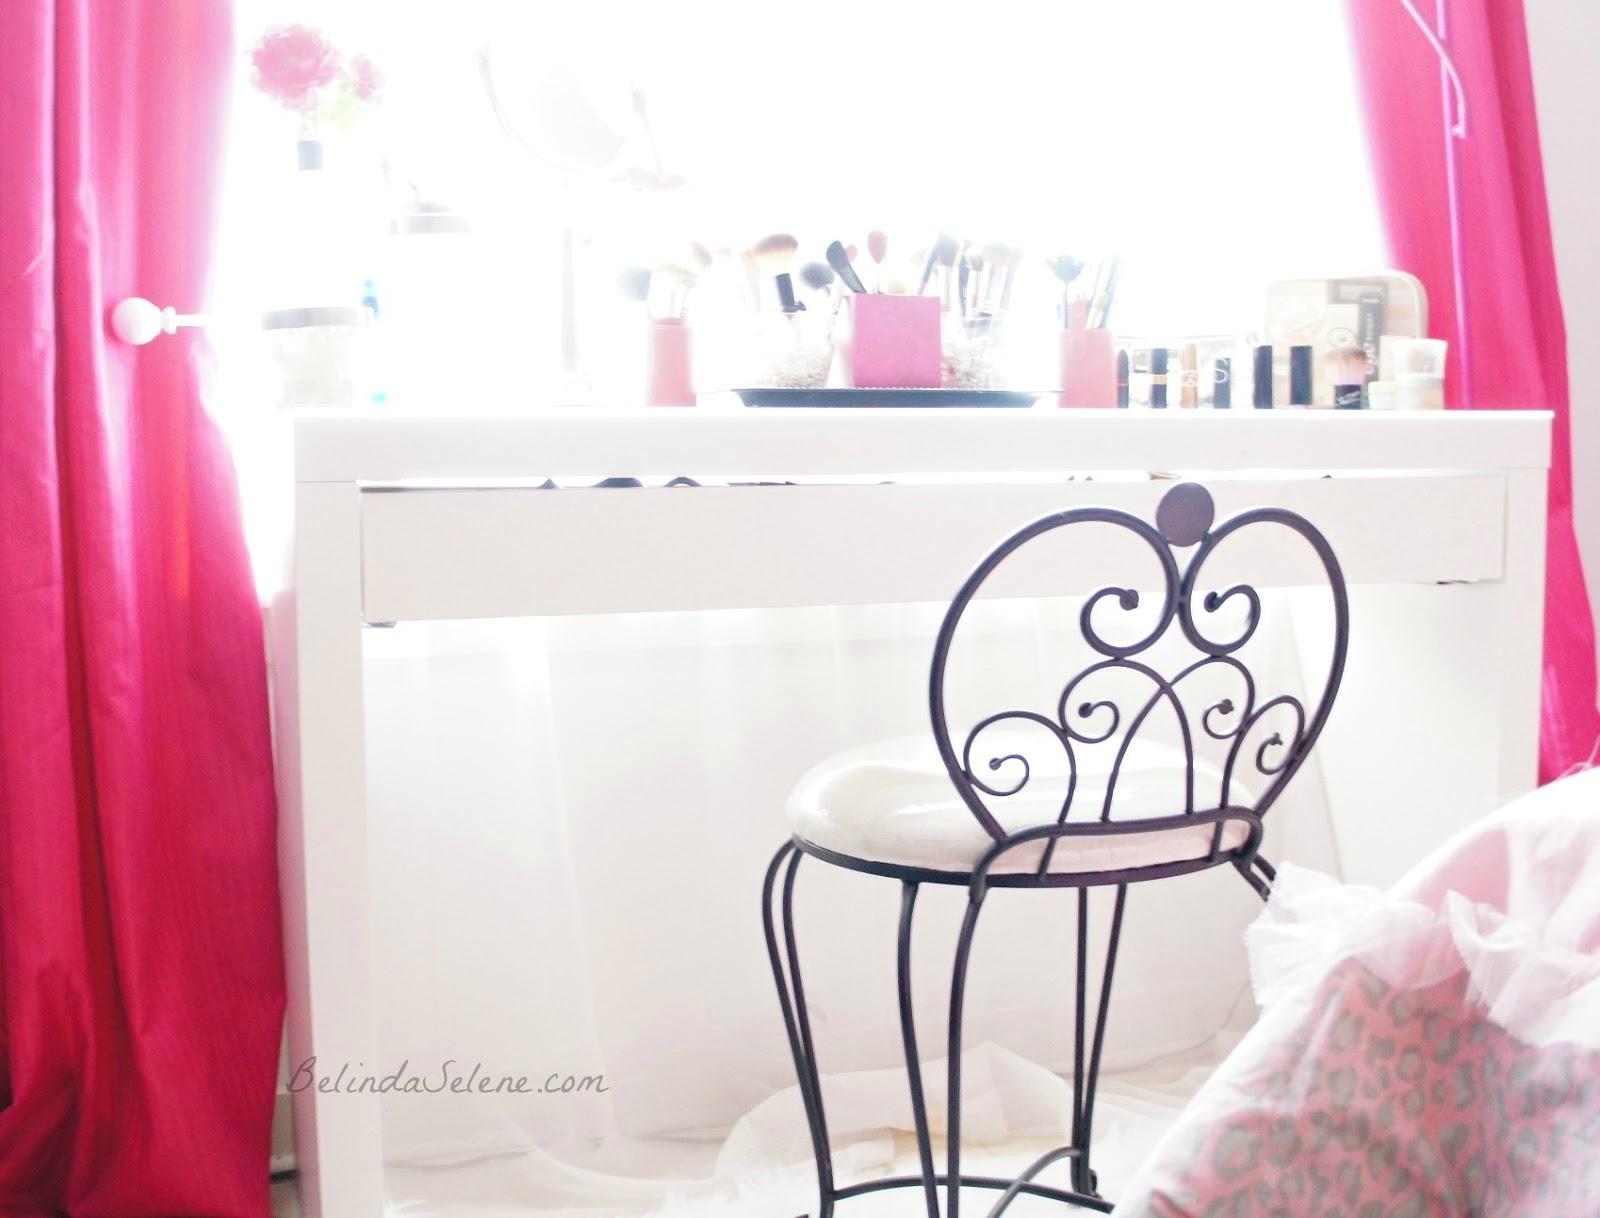 BelindaSelene A Christmas Gift From The Boyfriend